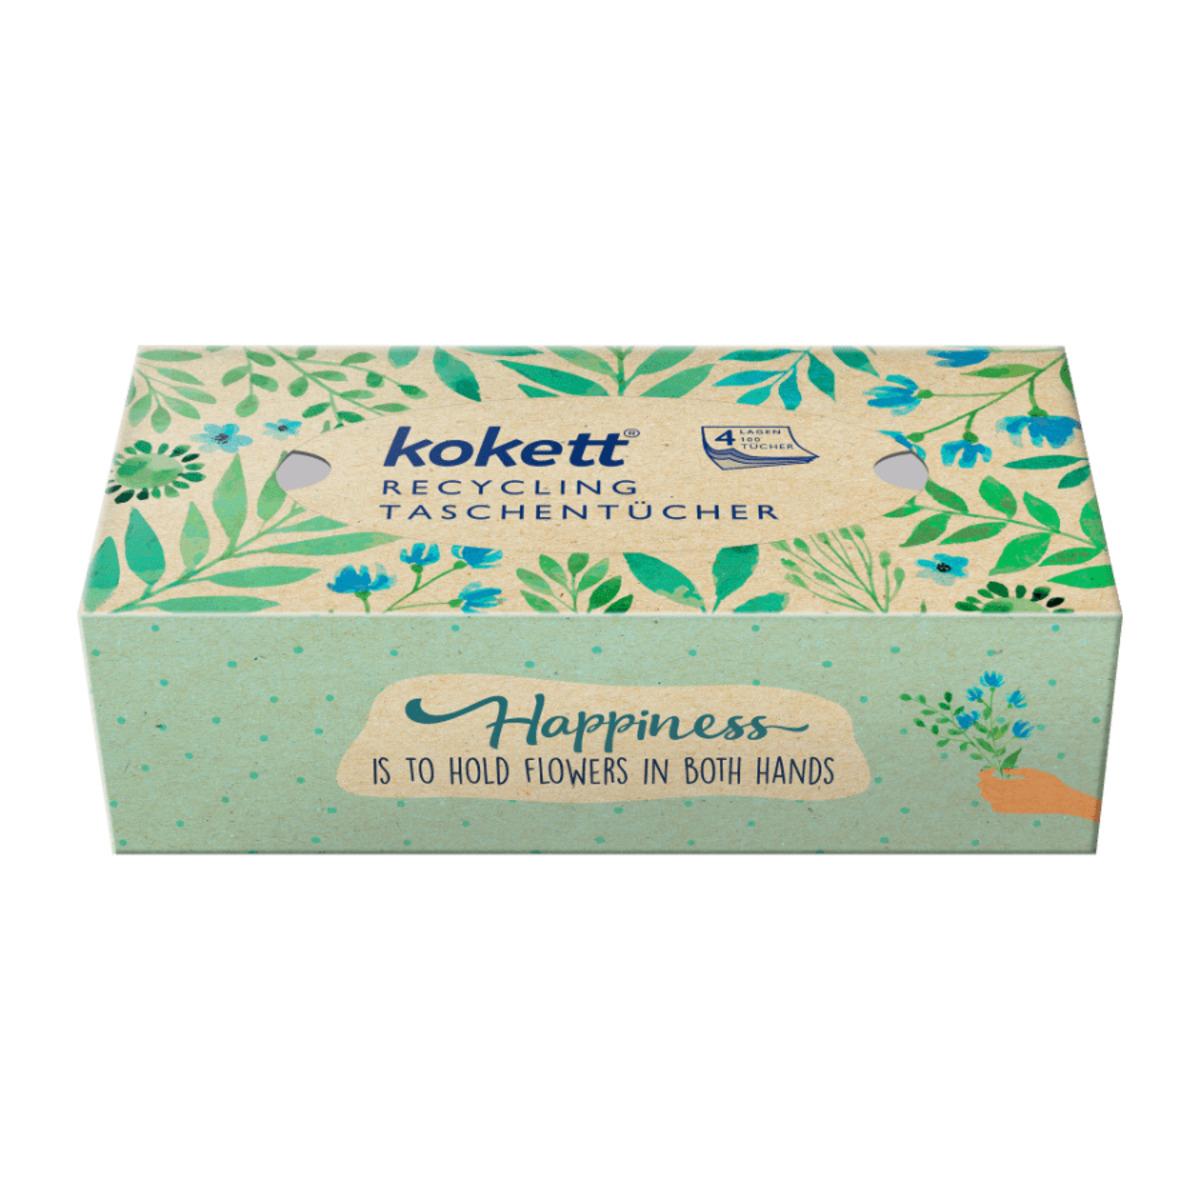 Bild 3 von KOKETT     Recycling Taschentücher-Box